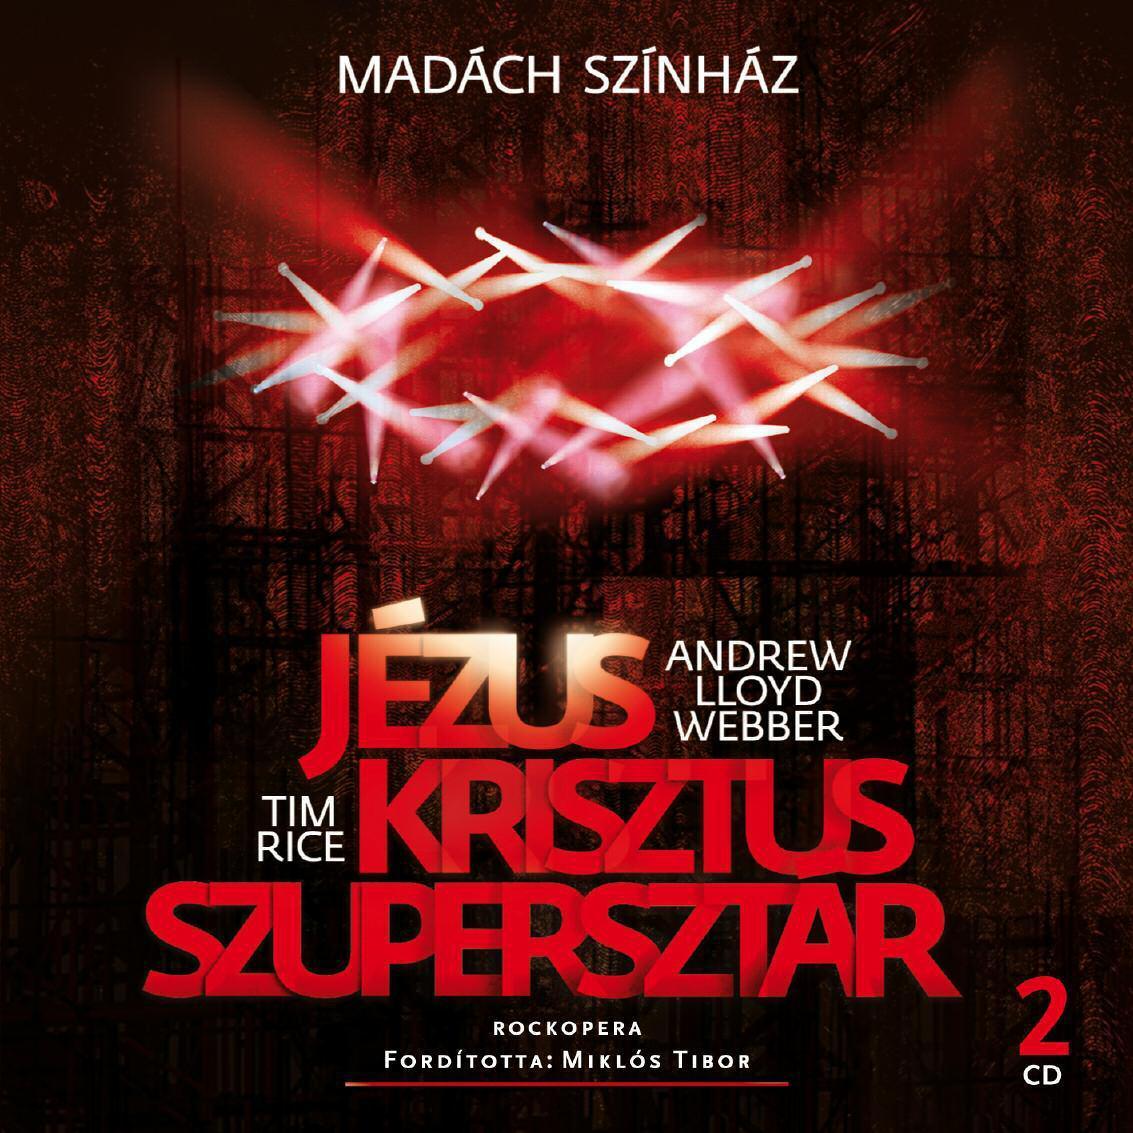 JÉZUS KRISZTUS SZUPERSZTÁR (MADÁCH SZÍNHÁZ) - 2 CD -